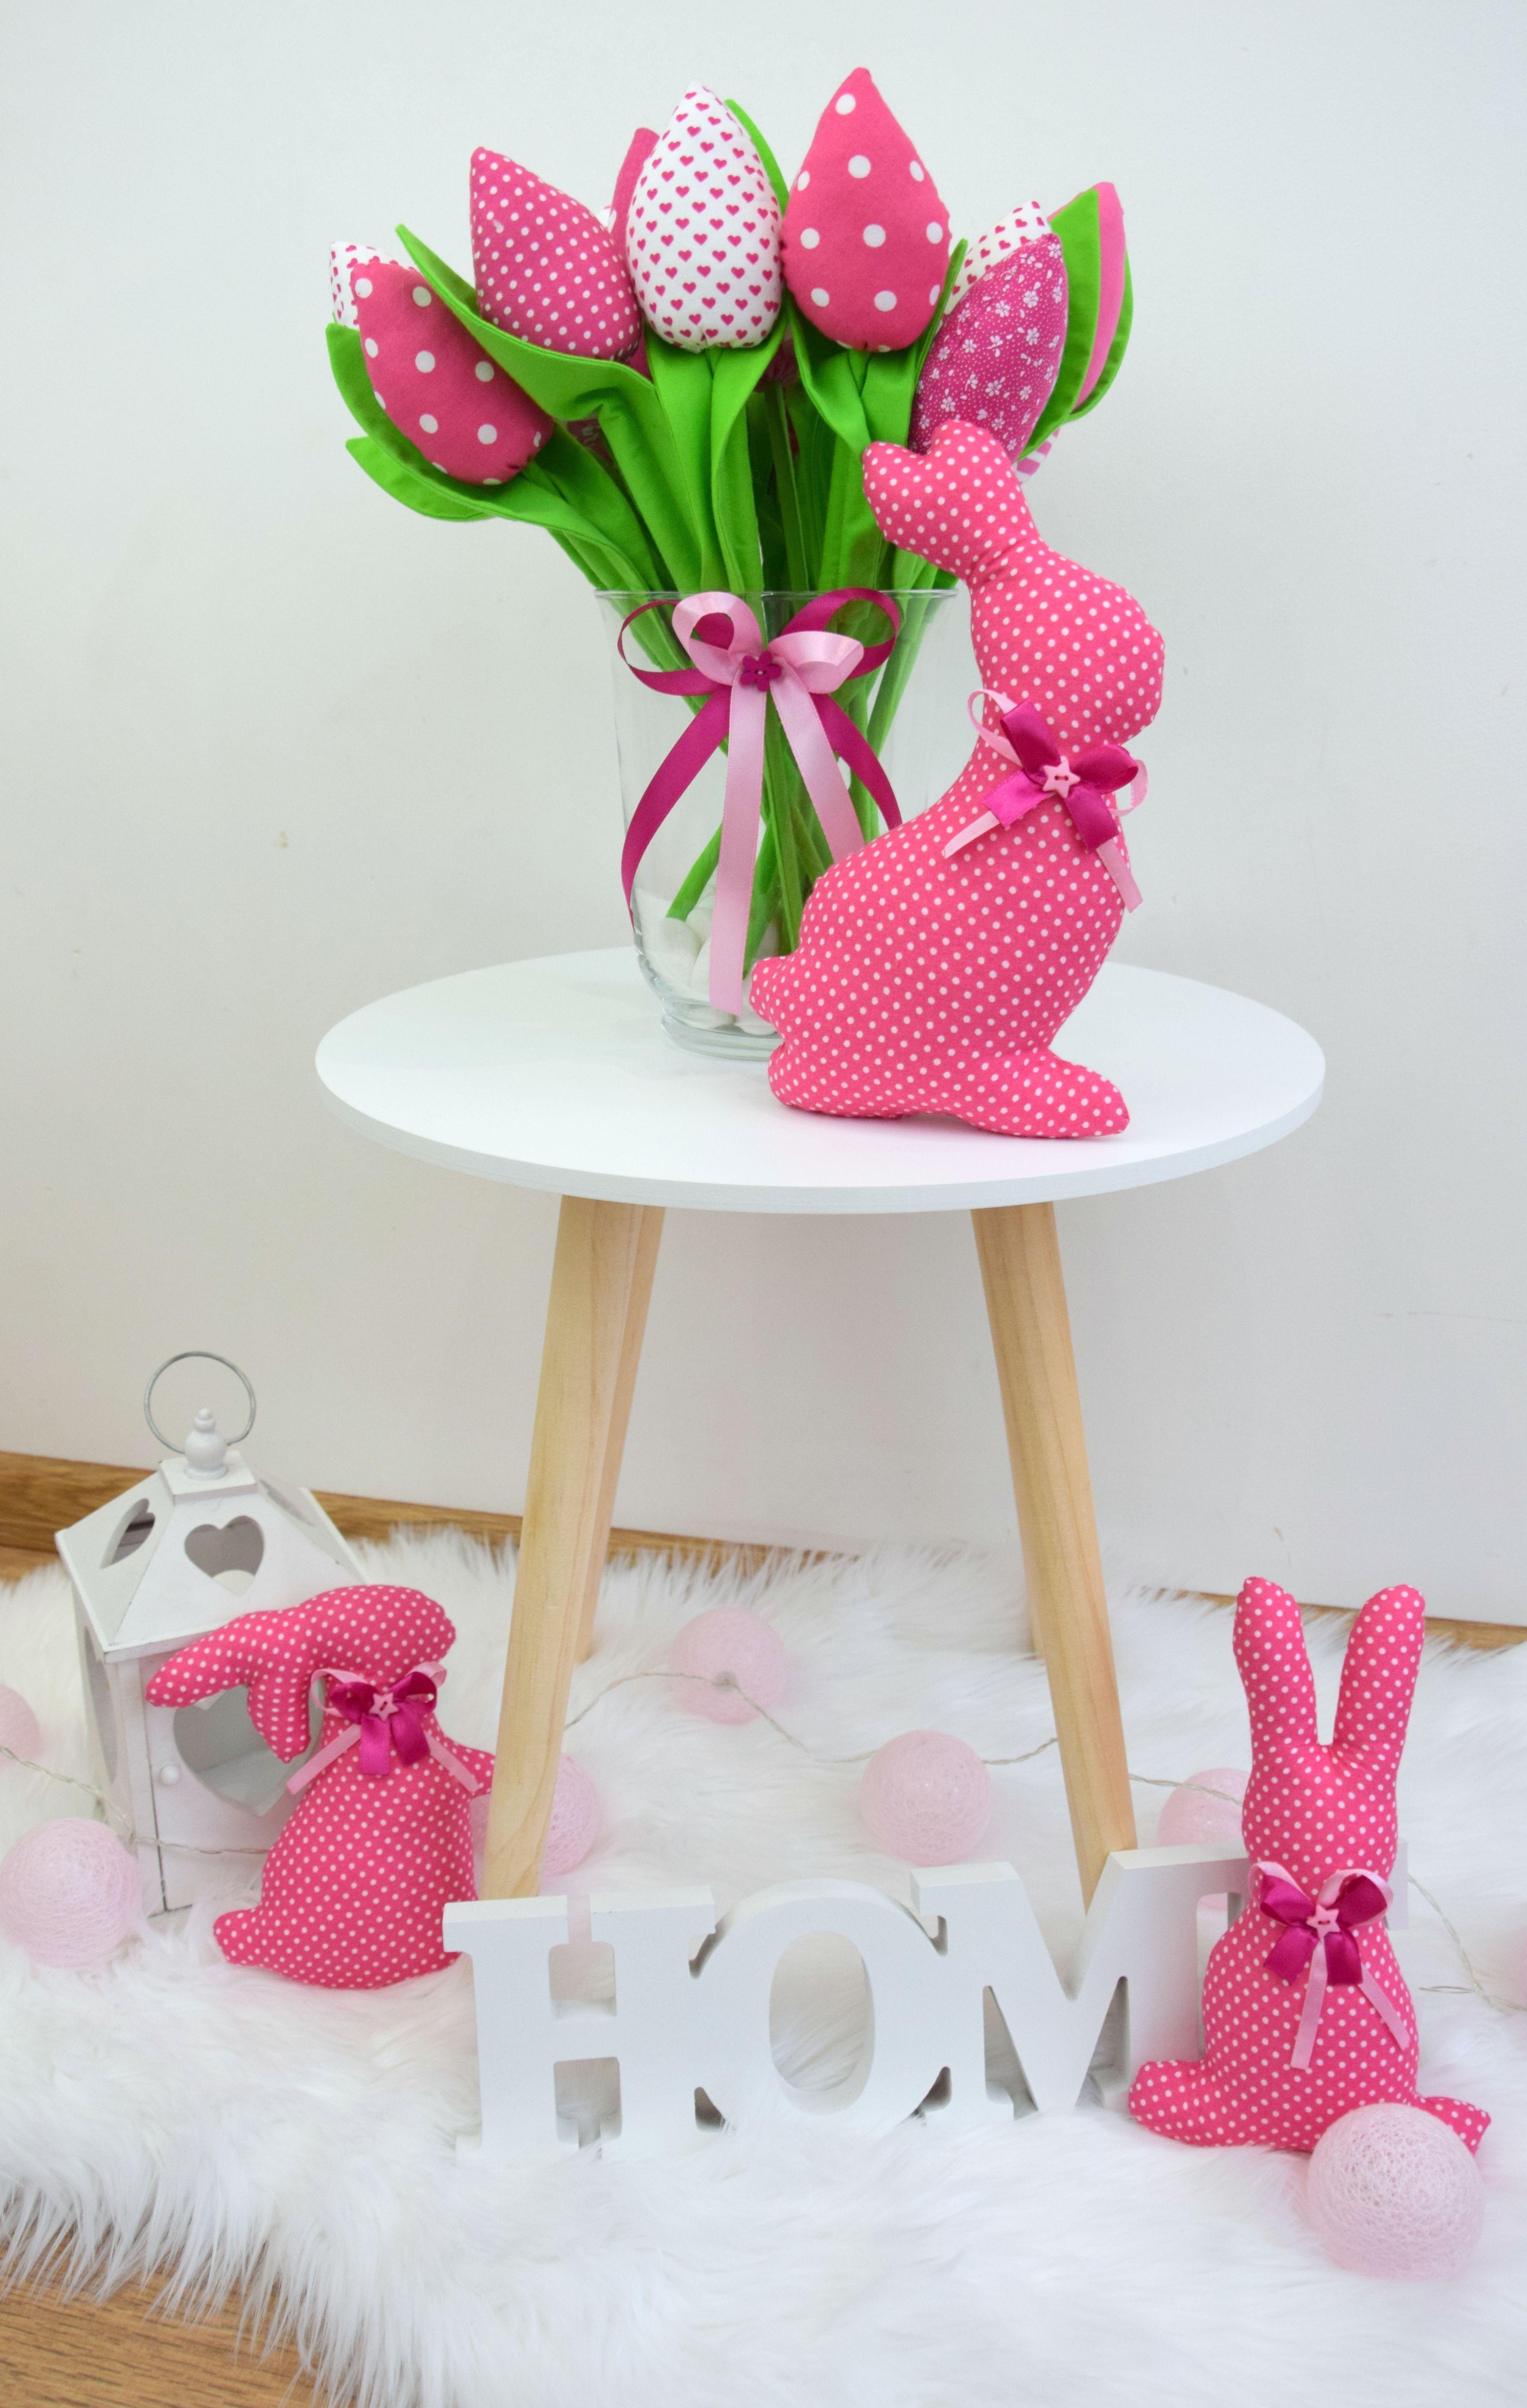 Zajaczki Wielkanocne Szyte Recznie Home Decor Hove Facebook Sign Up